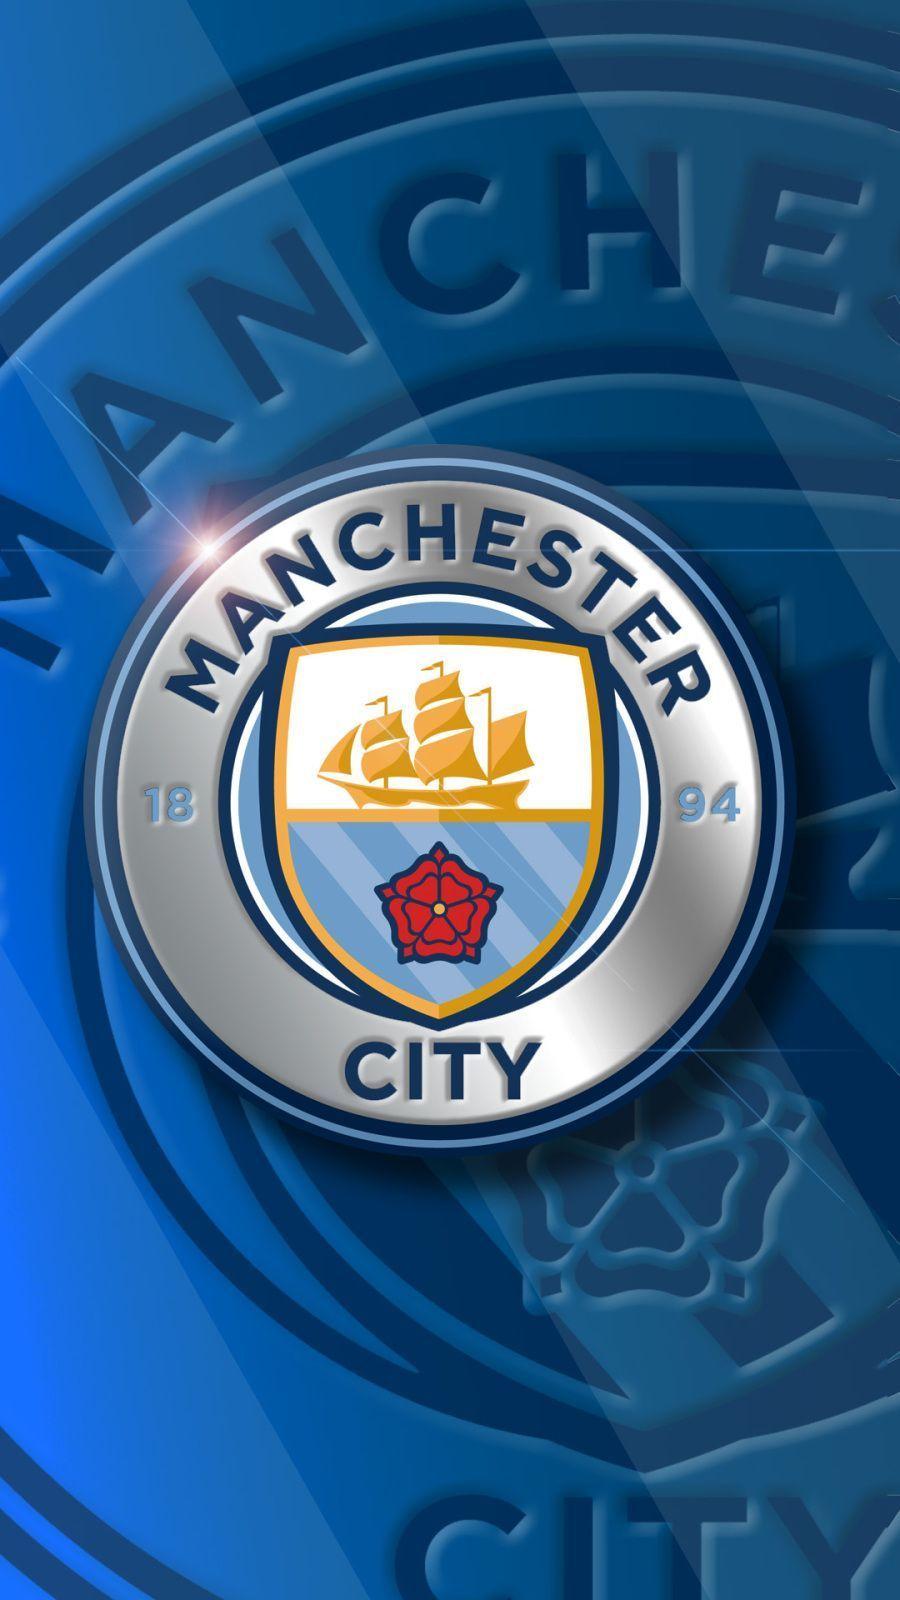 Man City Wallpaper Manchester City Wallpaper Manchester City Manchester City Logo